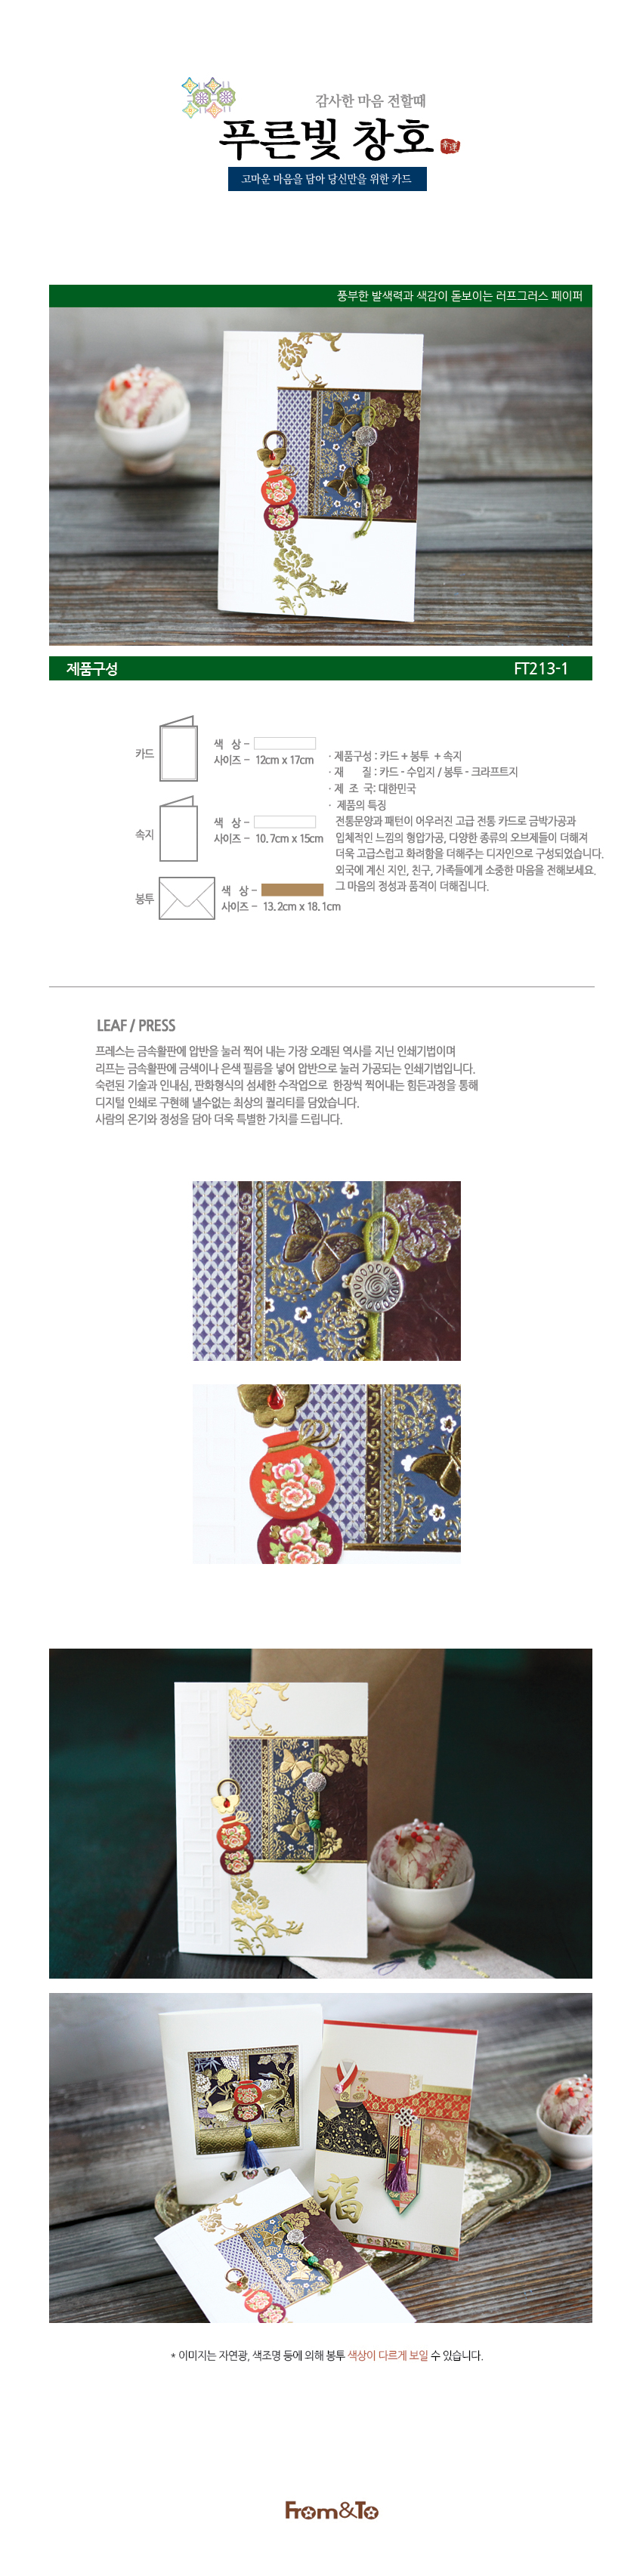 푸른빛창호 FT213-1 - 프롬앤투, 2,000원, 카드, 시즌/테마 카드